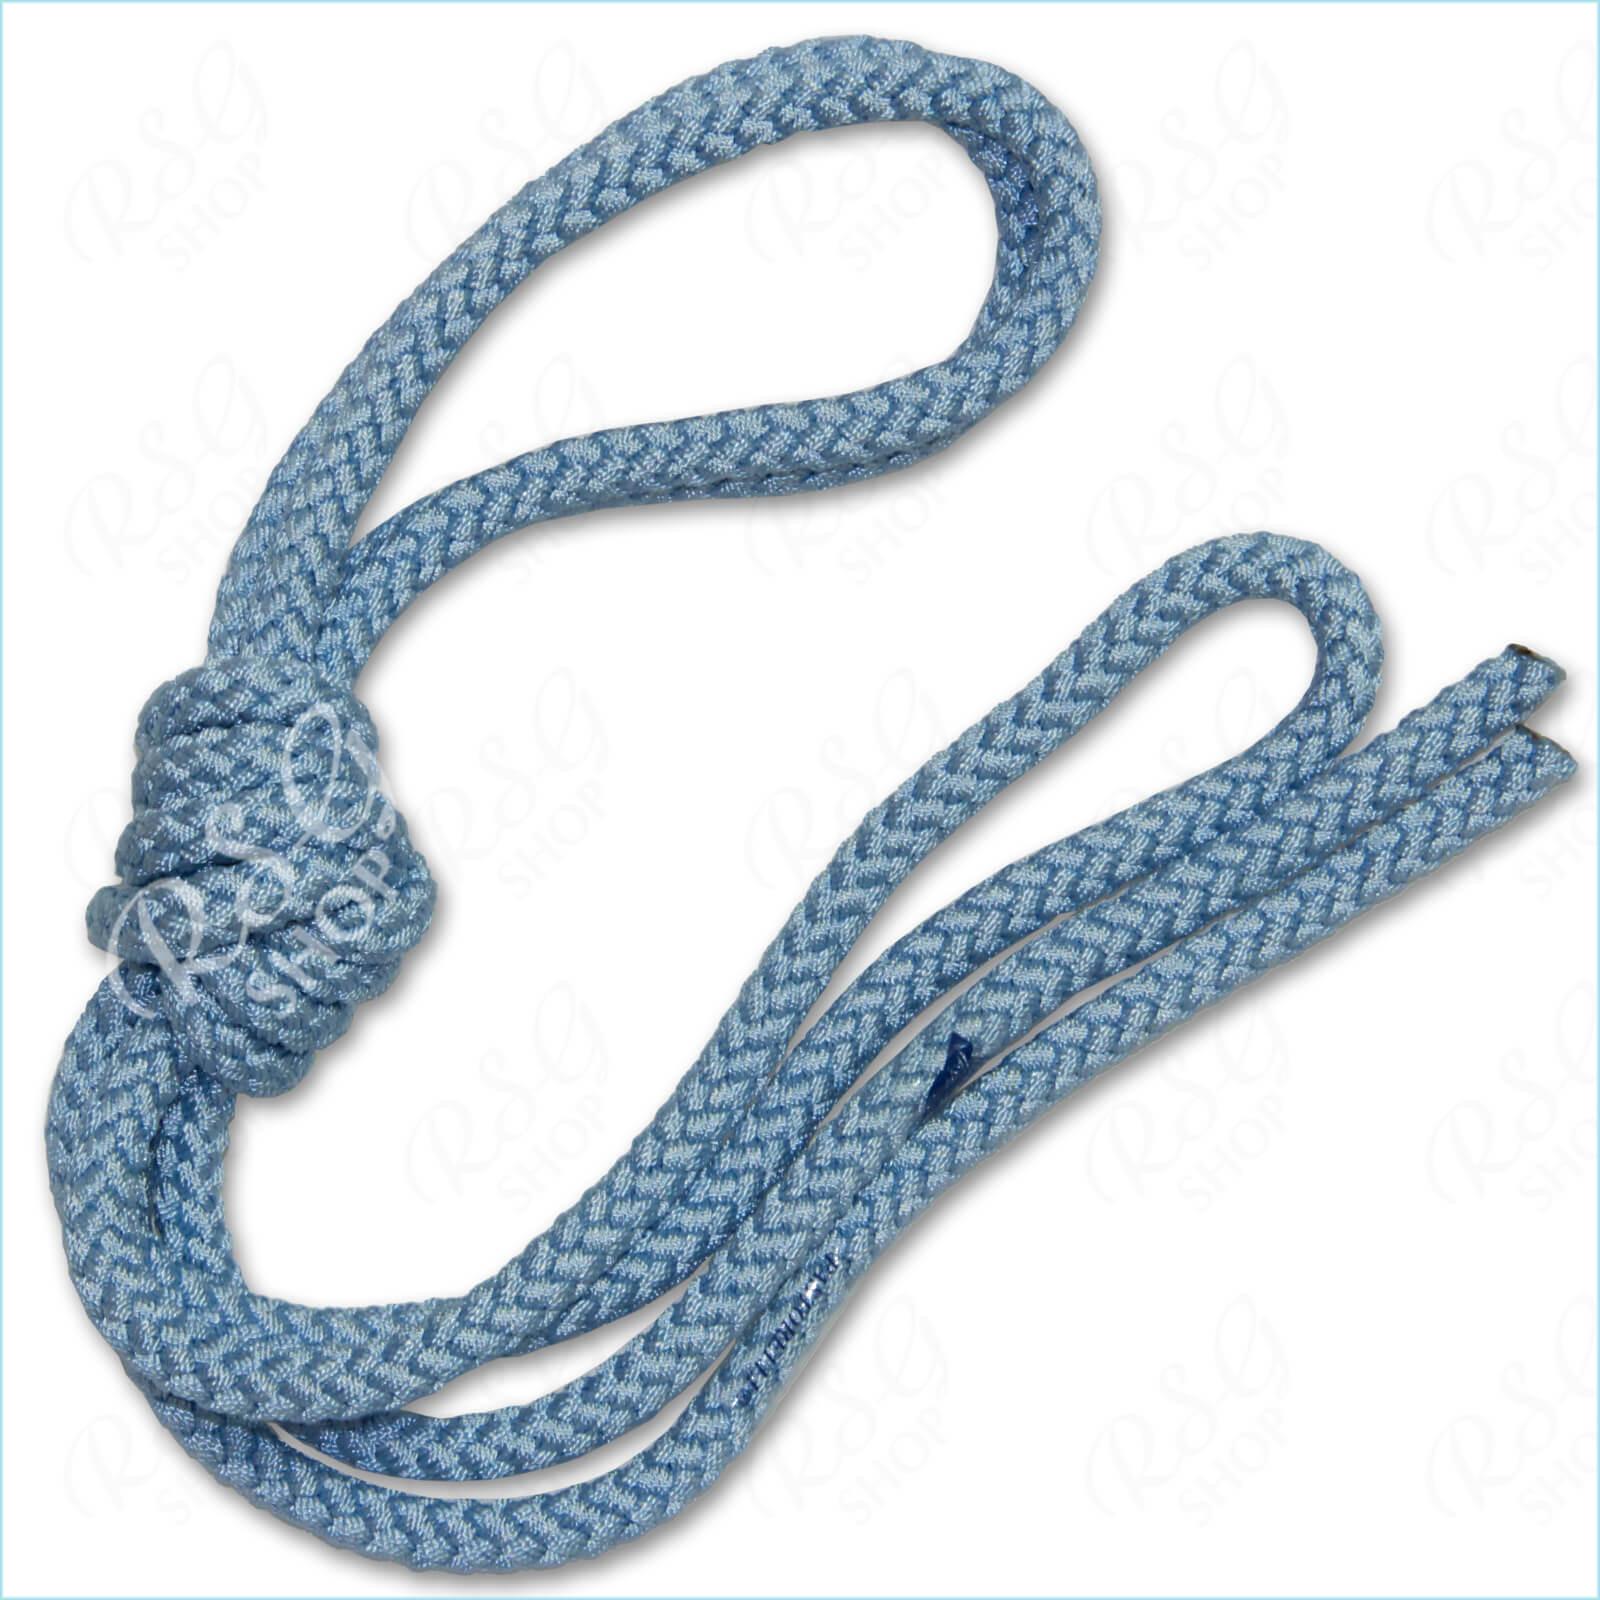 Скакалка 3м Pastorelli Patrasso цвет Голубой FIG Артикул 00144